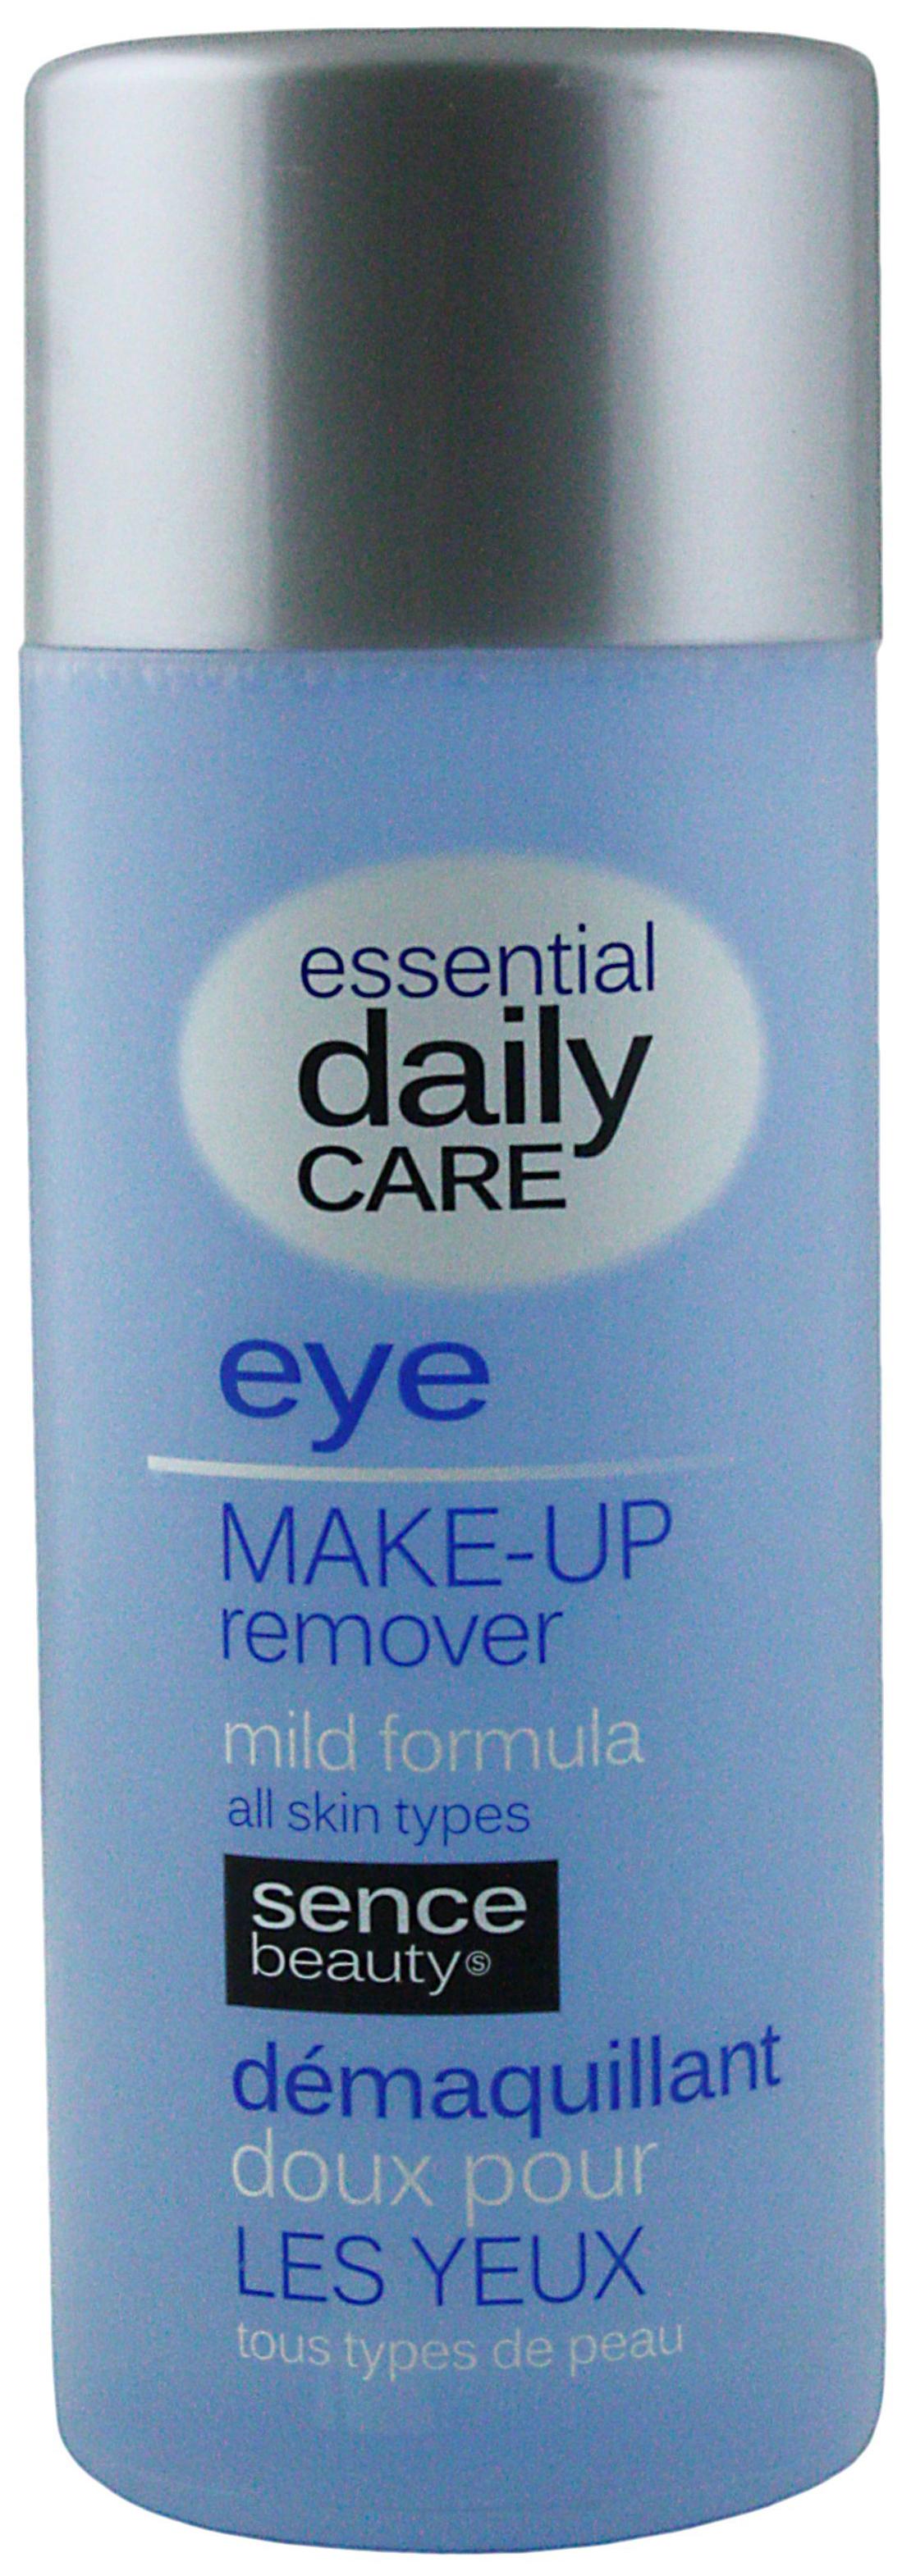 00642 - Augen Make-Up-Entferner 200 ml